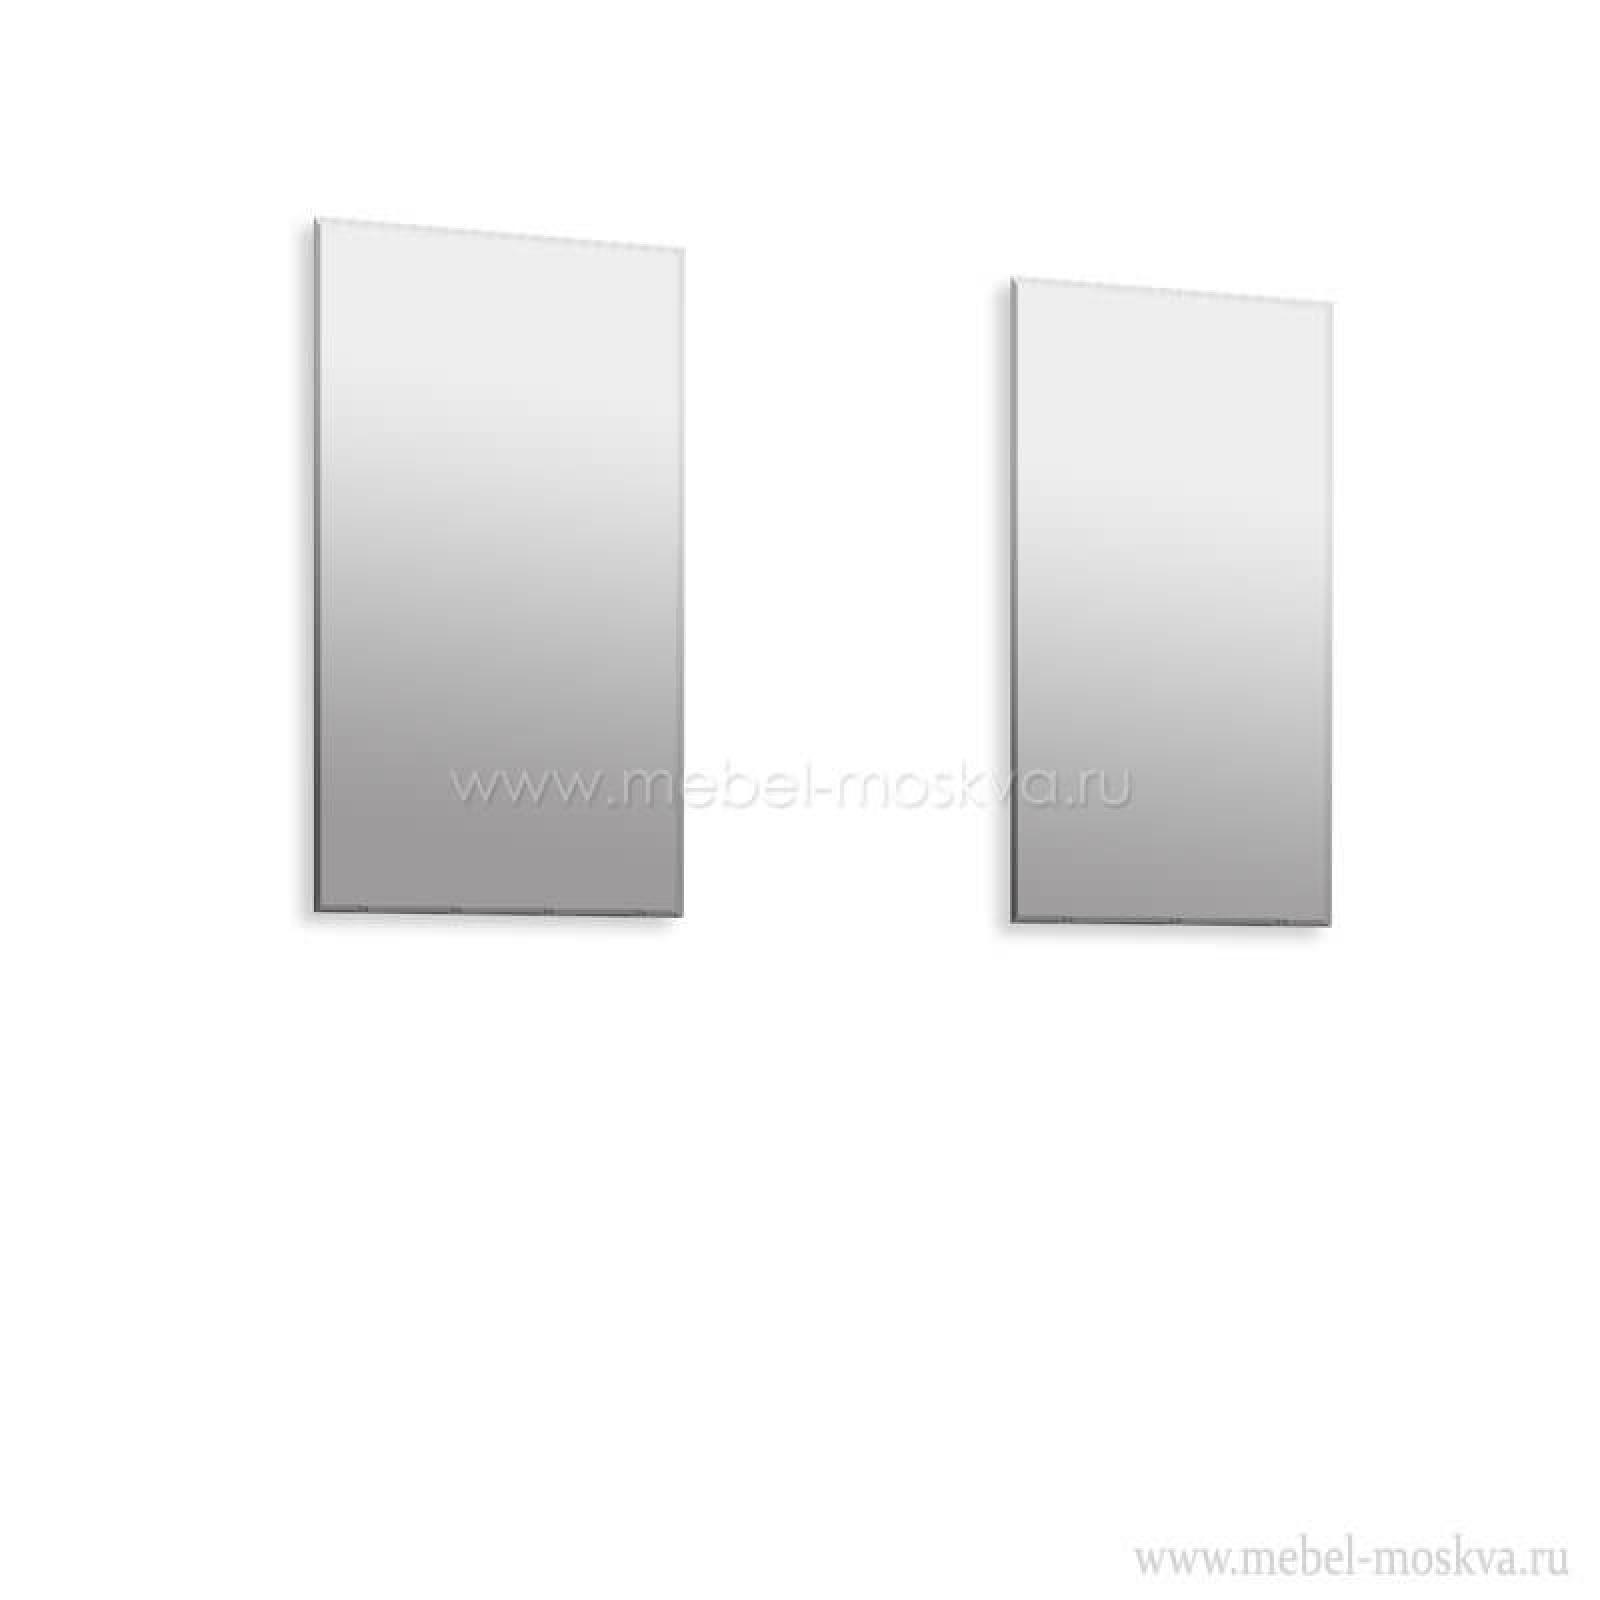 """""""Рапсодия ИДА"""" 354.3301 Комплект зеркал для секции центральной 354.33 2 шт. - 1"""